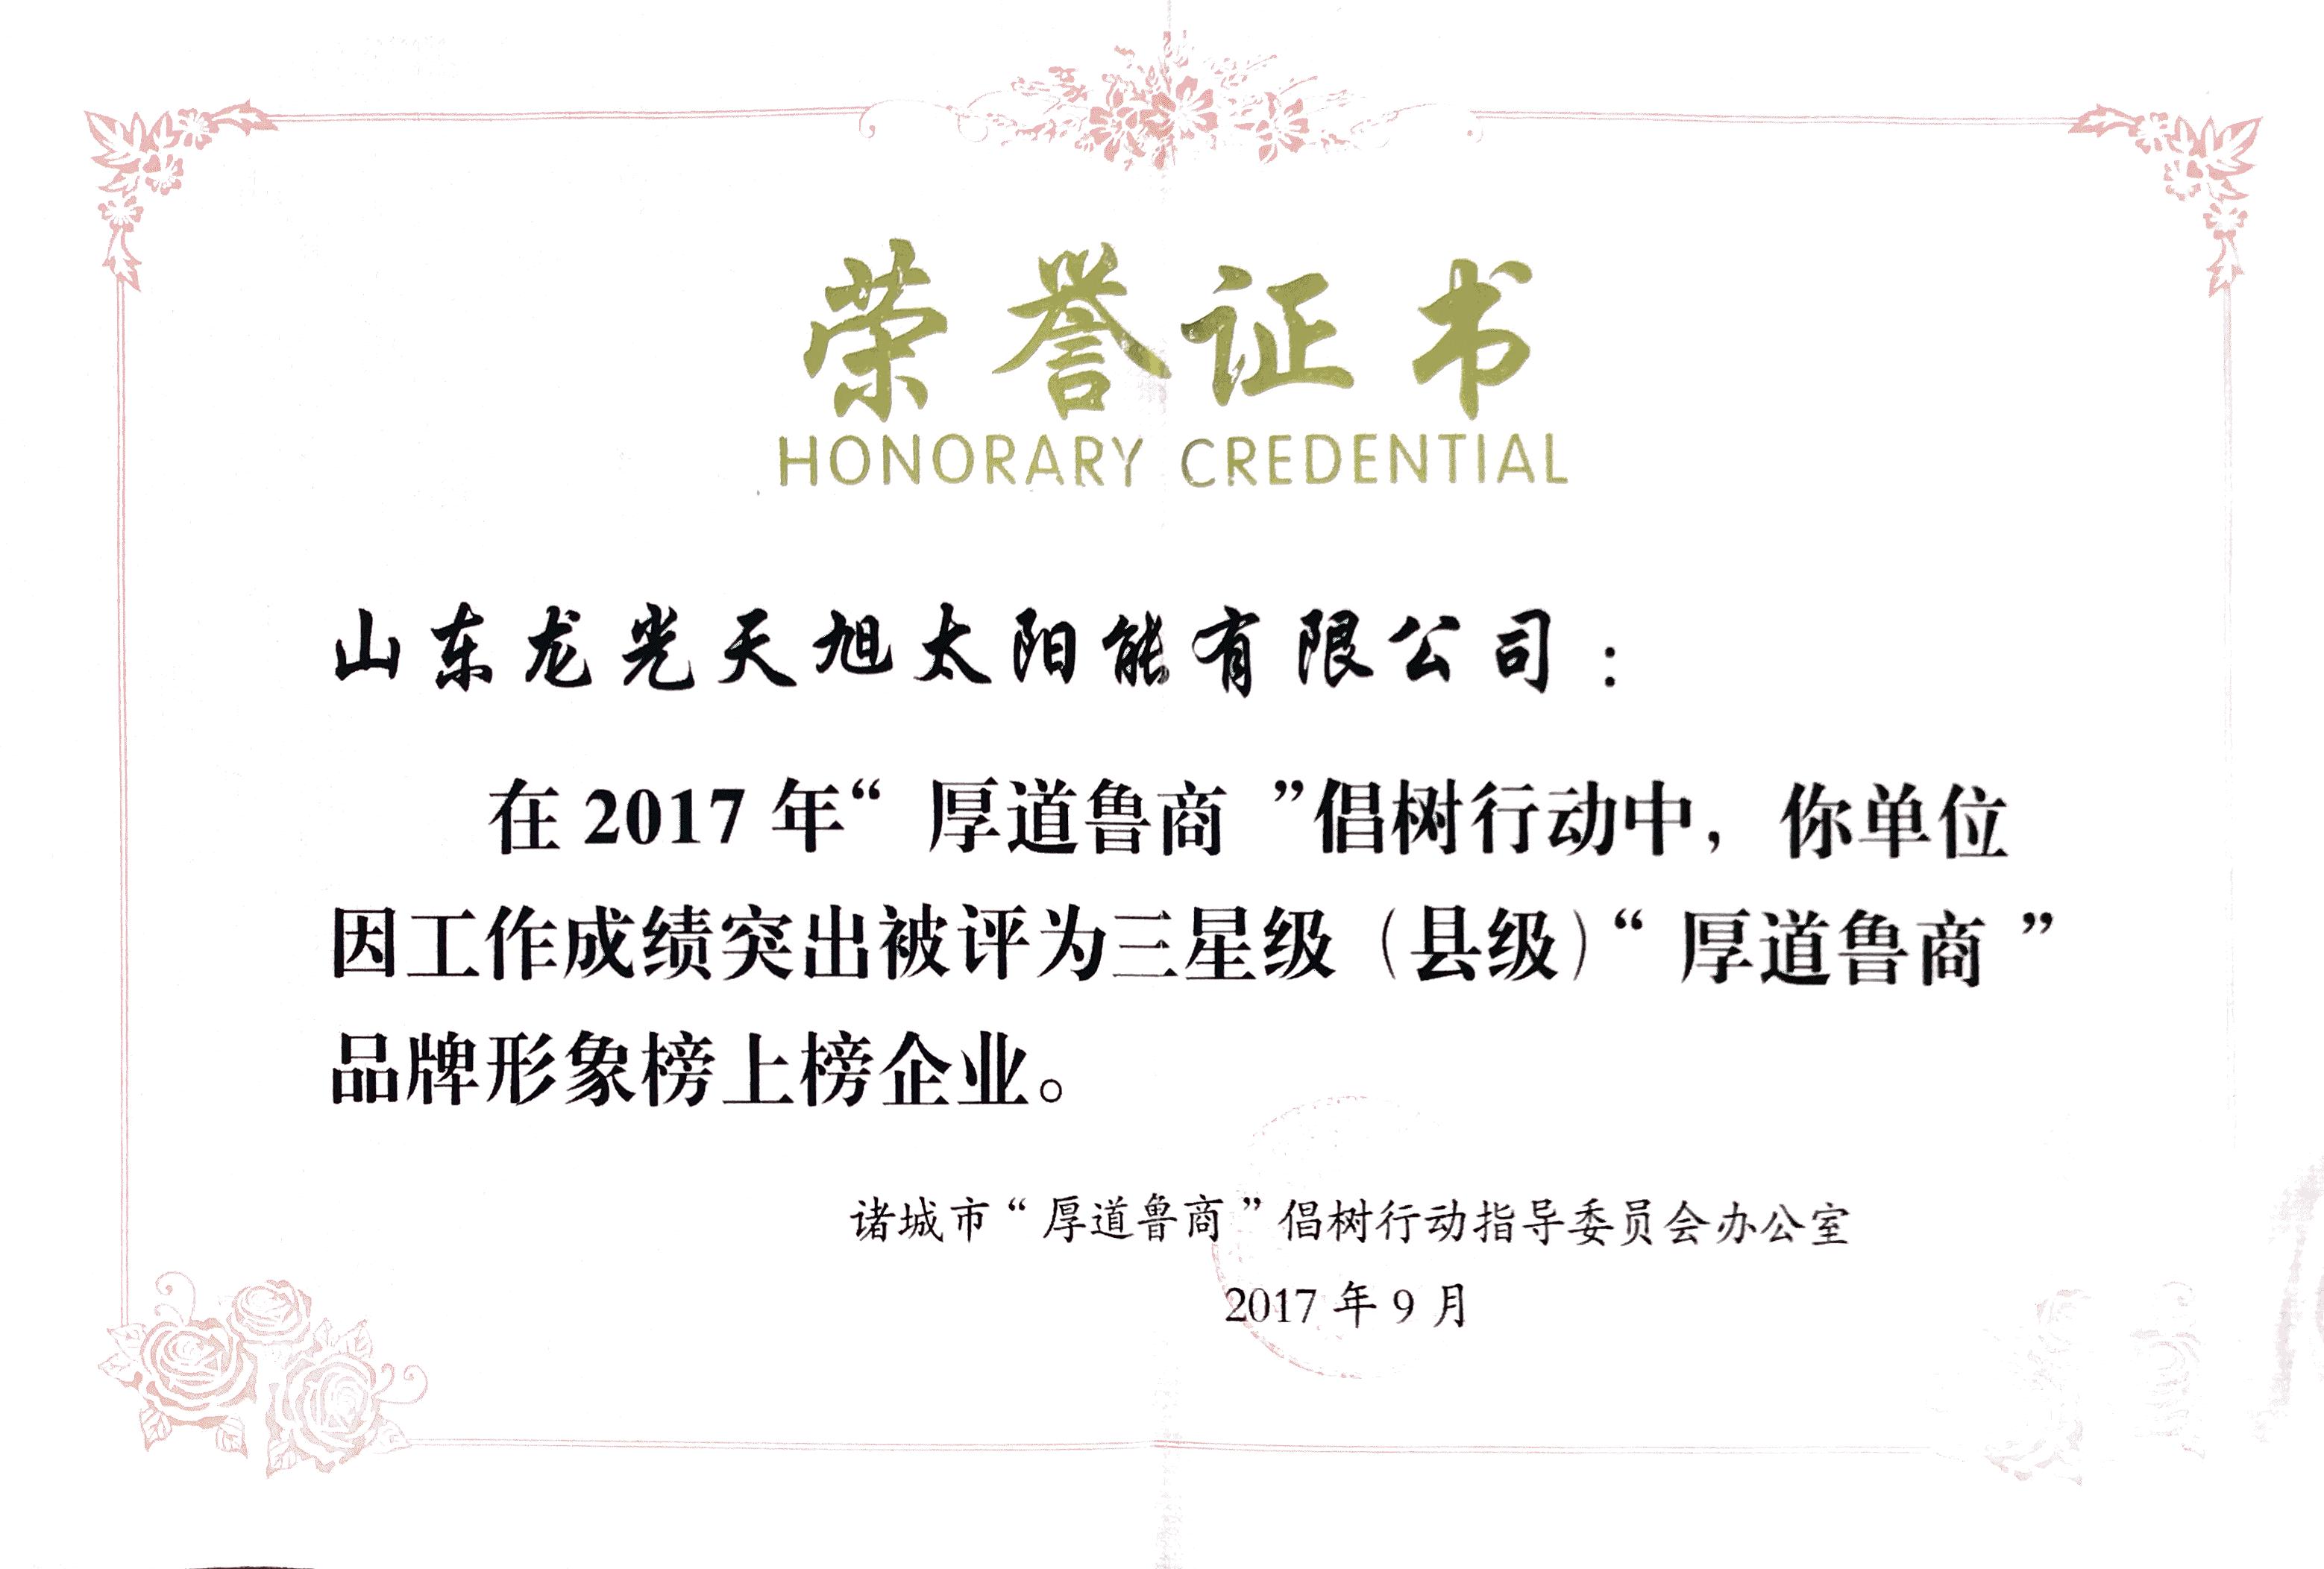 厚道魯商品牌形象上榜企業